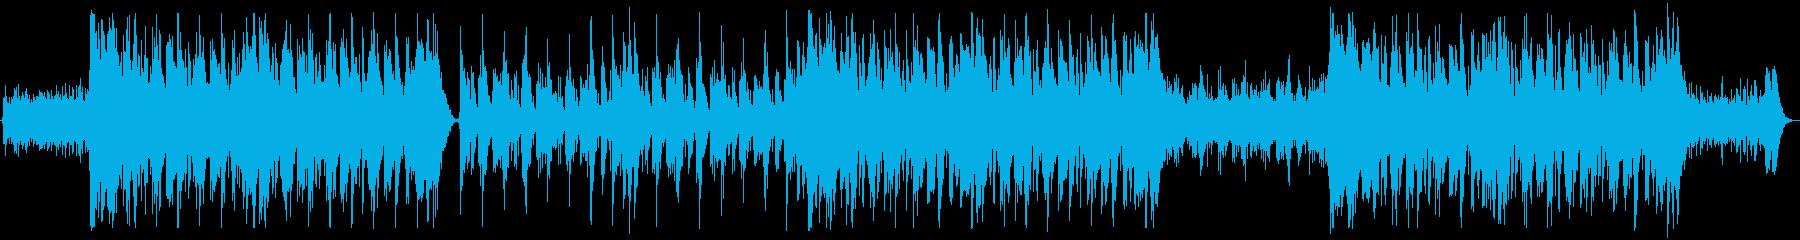 【メロディー無し】オーケストラ・エ…冒険の再生済みの波形